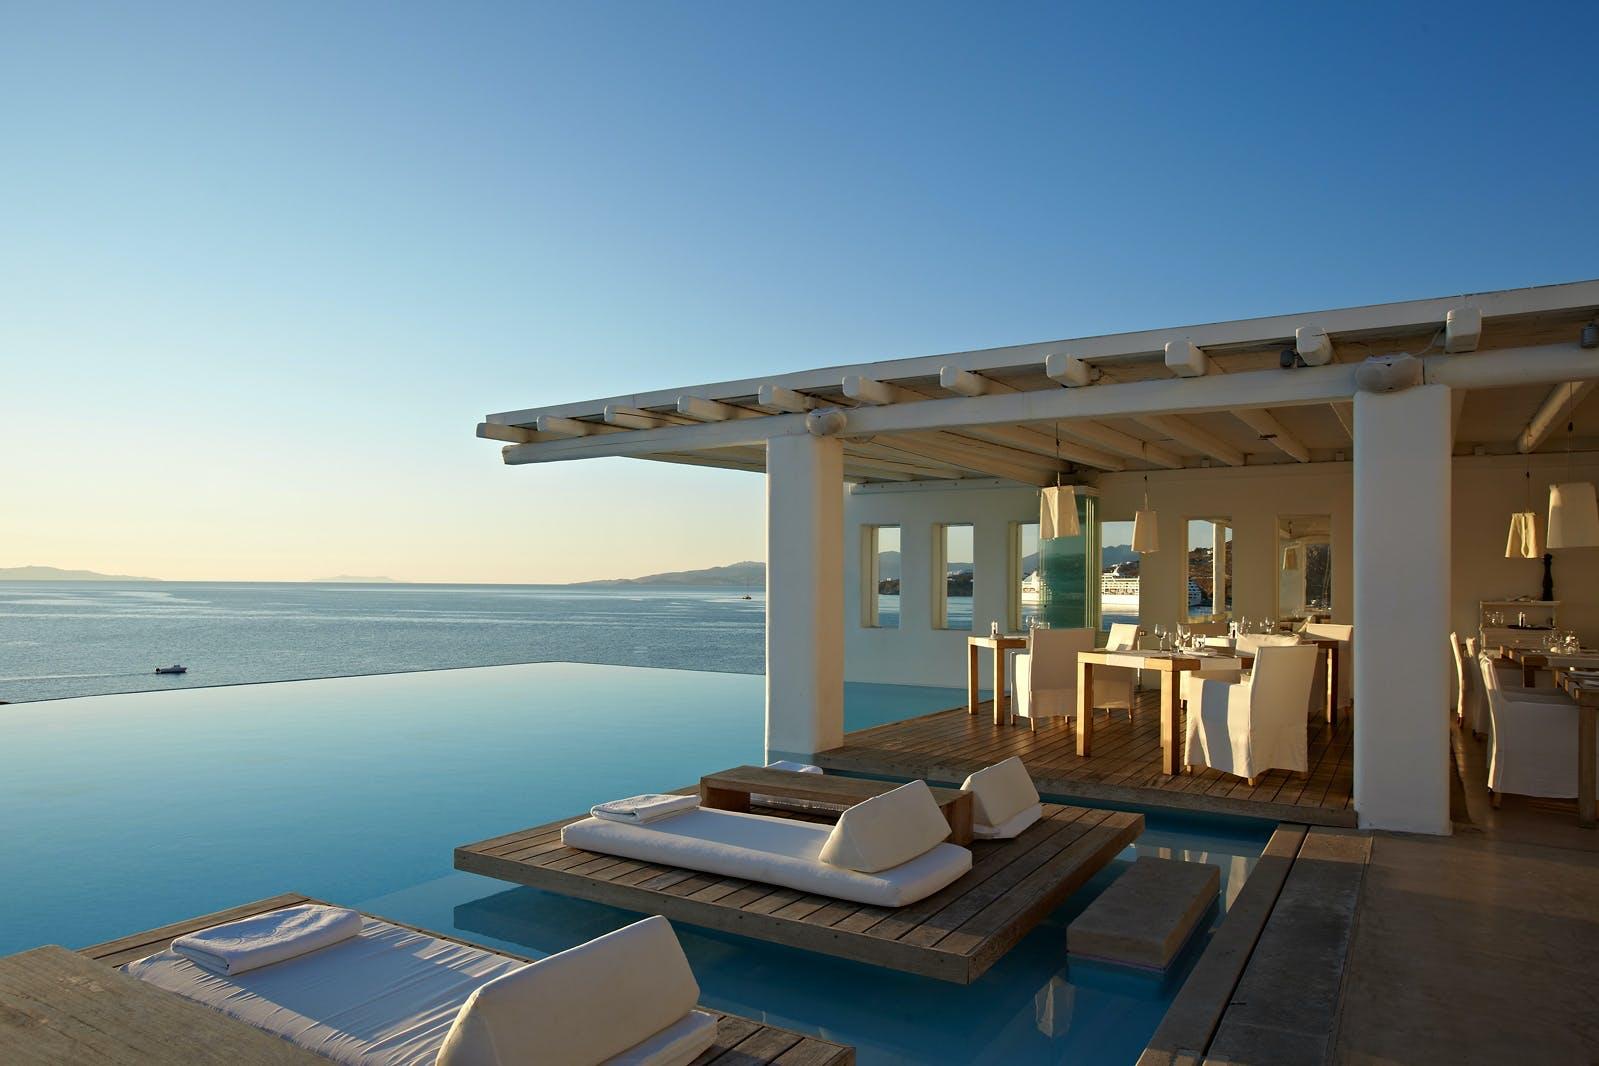 Cavo Tagoo er det smukkeste hotel i det græske ø-hav